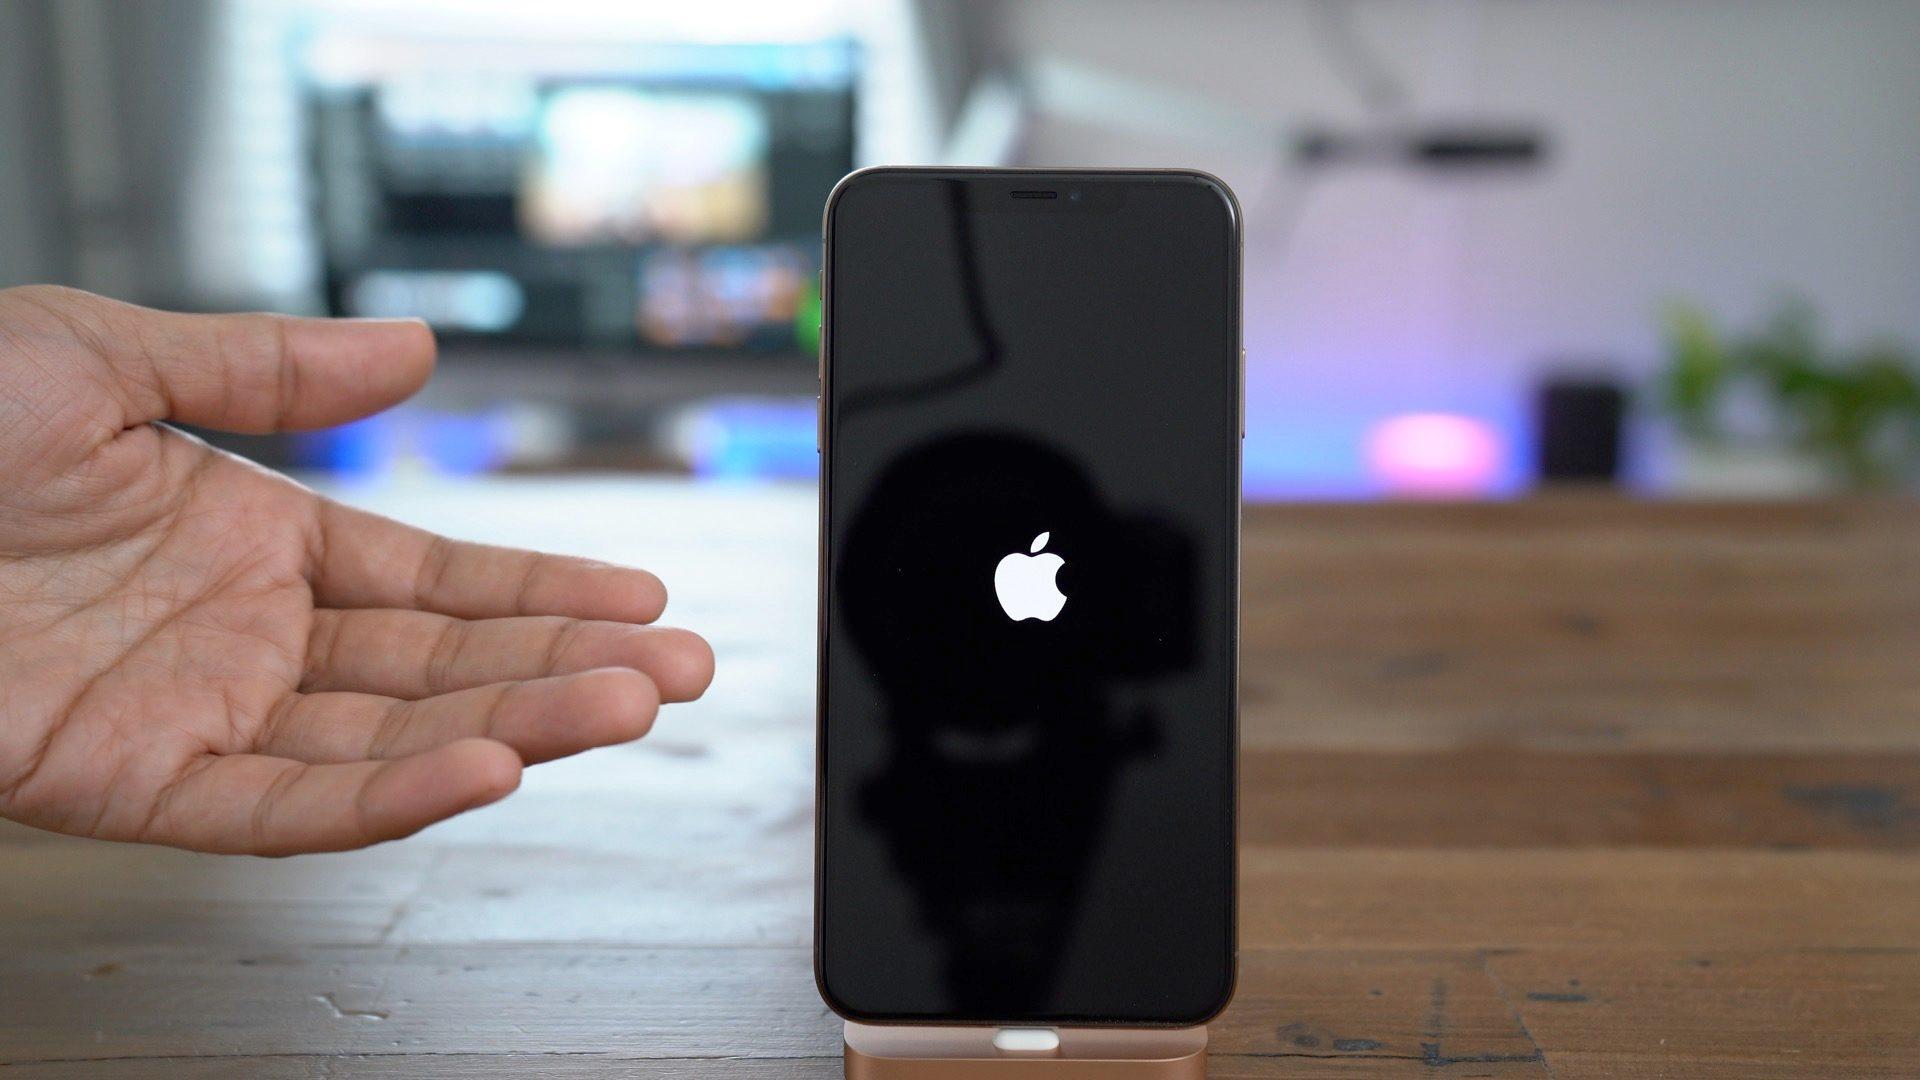 """<span href=""""https://9to5mac.com/2018/10/09/iphone-xs-max-iphone-xr-how-to-power-off-force-restart-enter-dfu-recovery-emergency-sos-video/"""">iPhone XS/XR: Cómo la fuerza de reiniciar el iPhone XS, entrar en modo DFU, de modo de recuperación, y más</a>"""